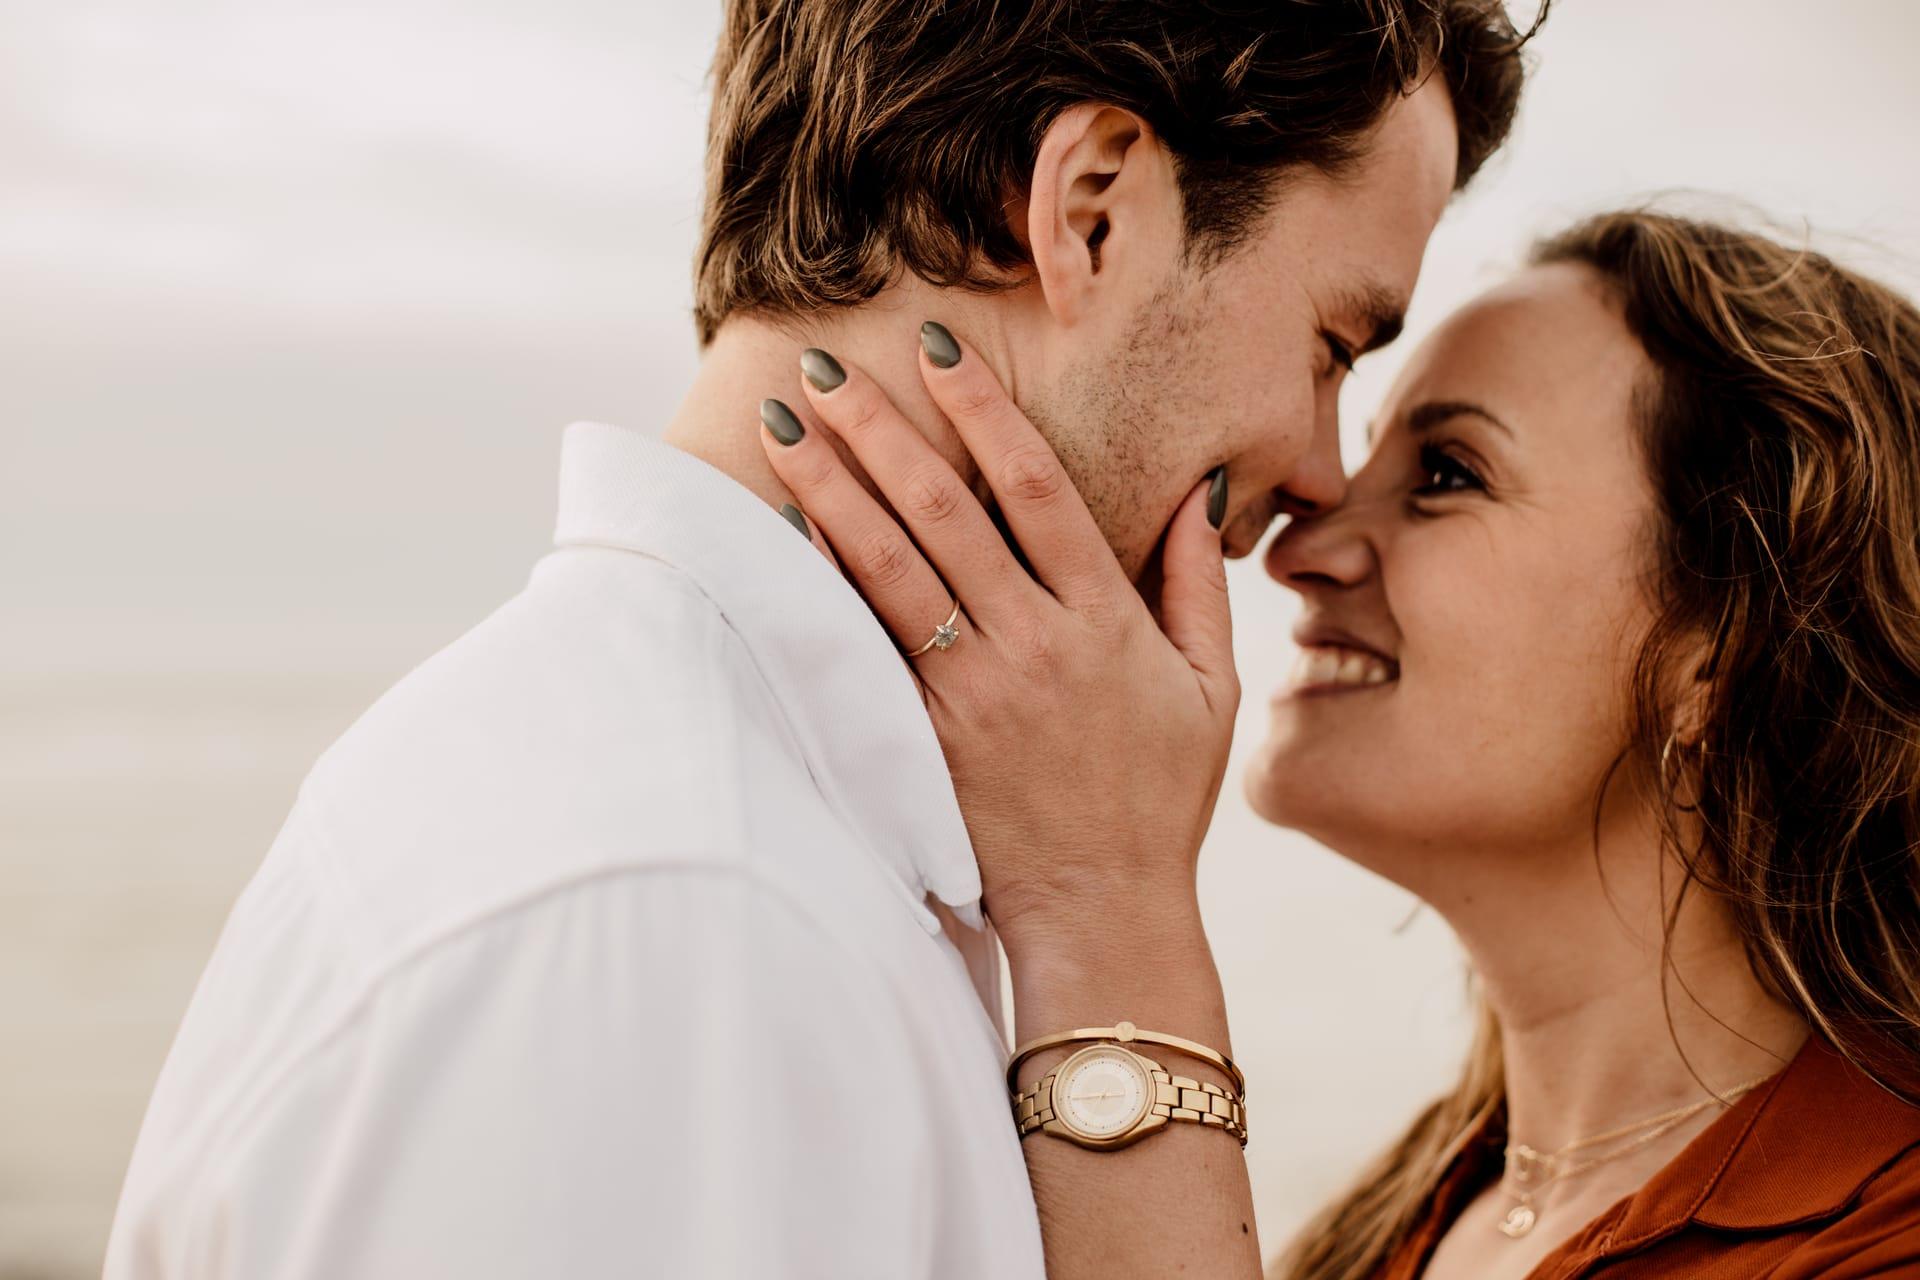 Huwelijksaanzoek - Girls of honour